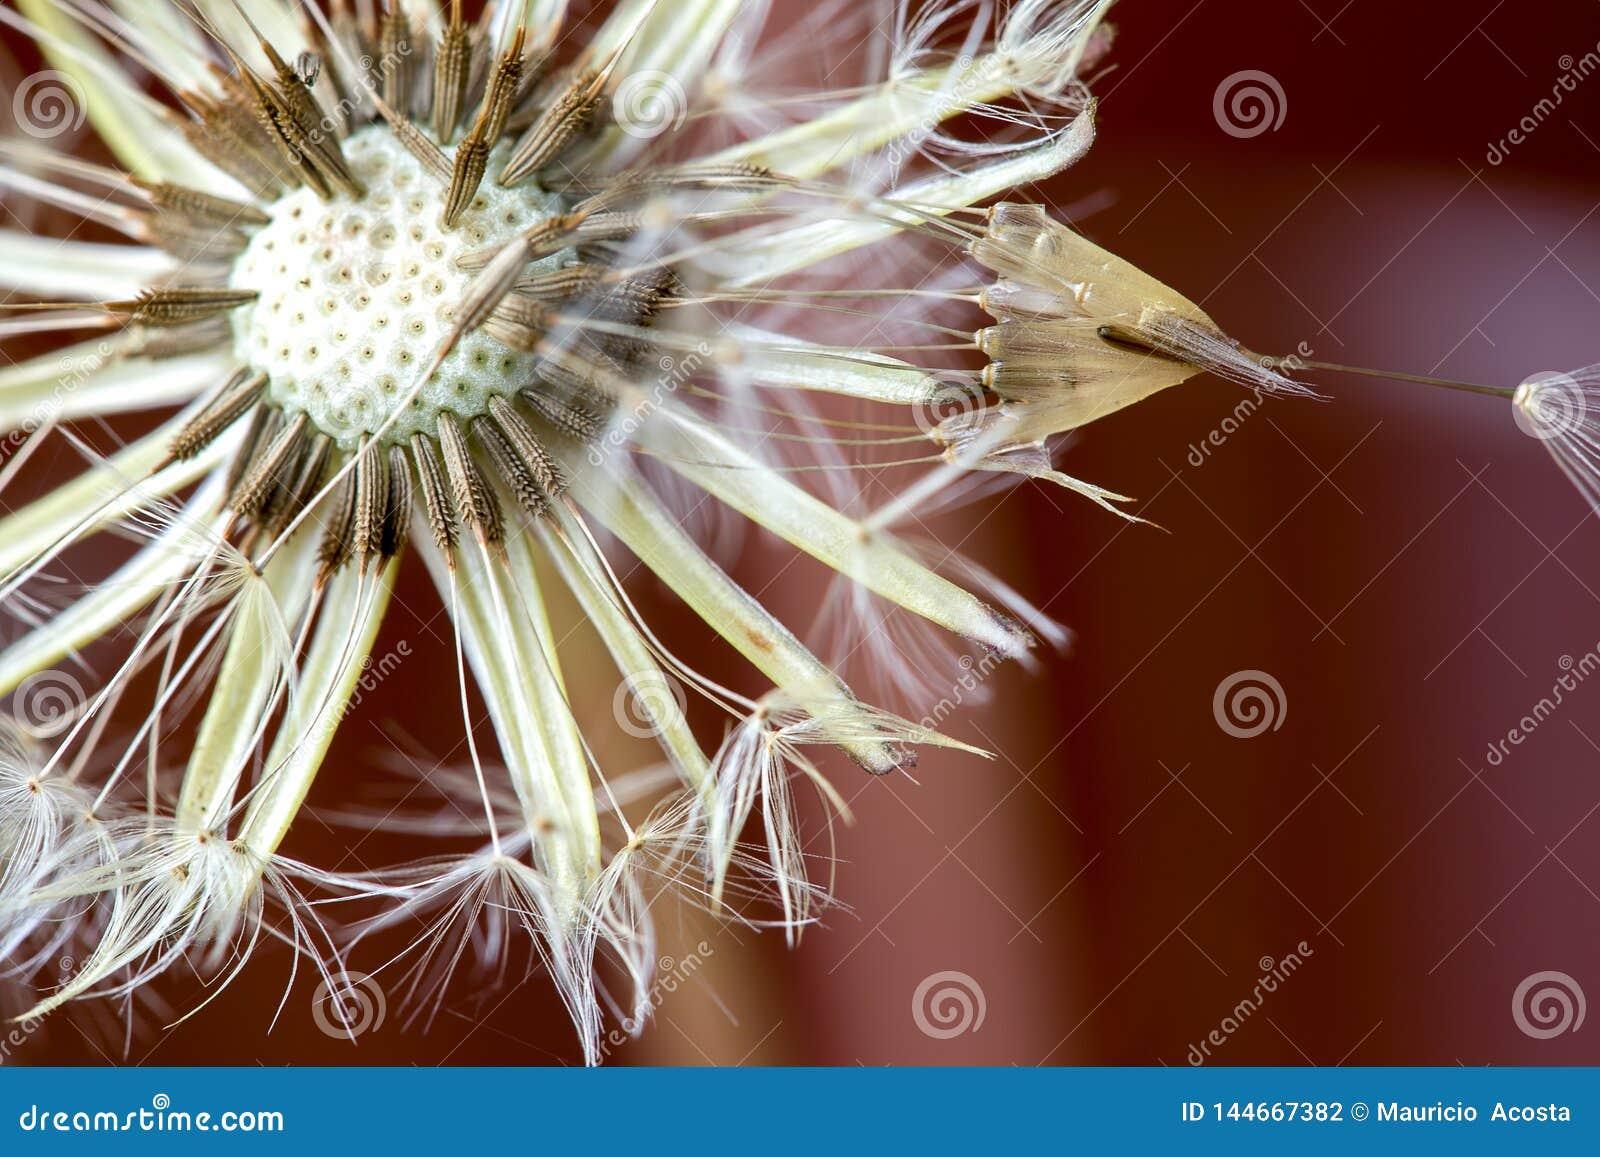 Cabe?a da semente do dente-de-le?o com orvalho da manh